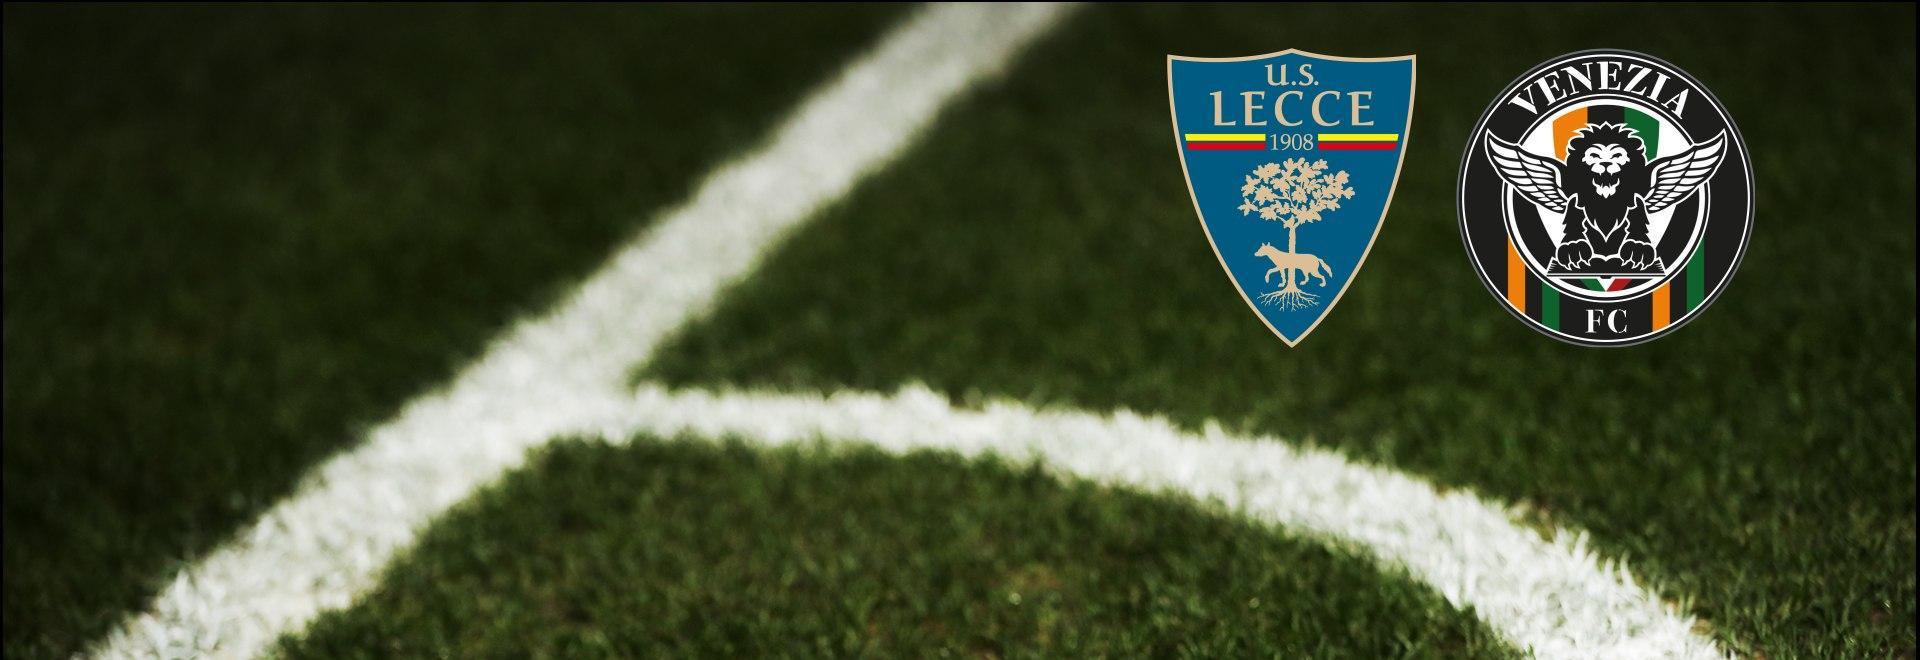 Lecce - Venezia. Playoff Semifinale Ritorno